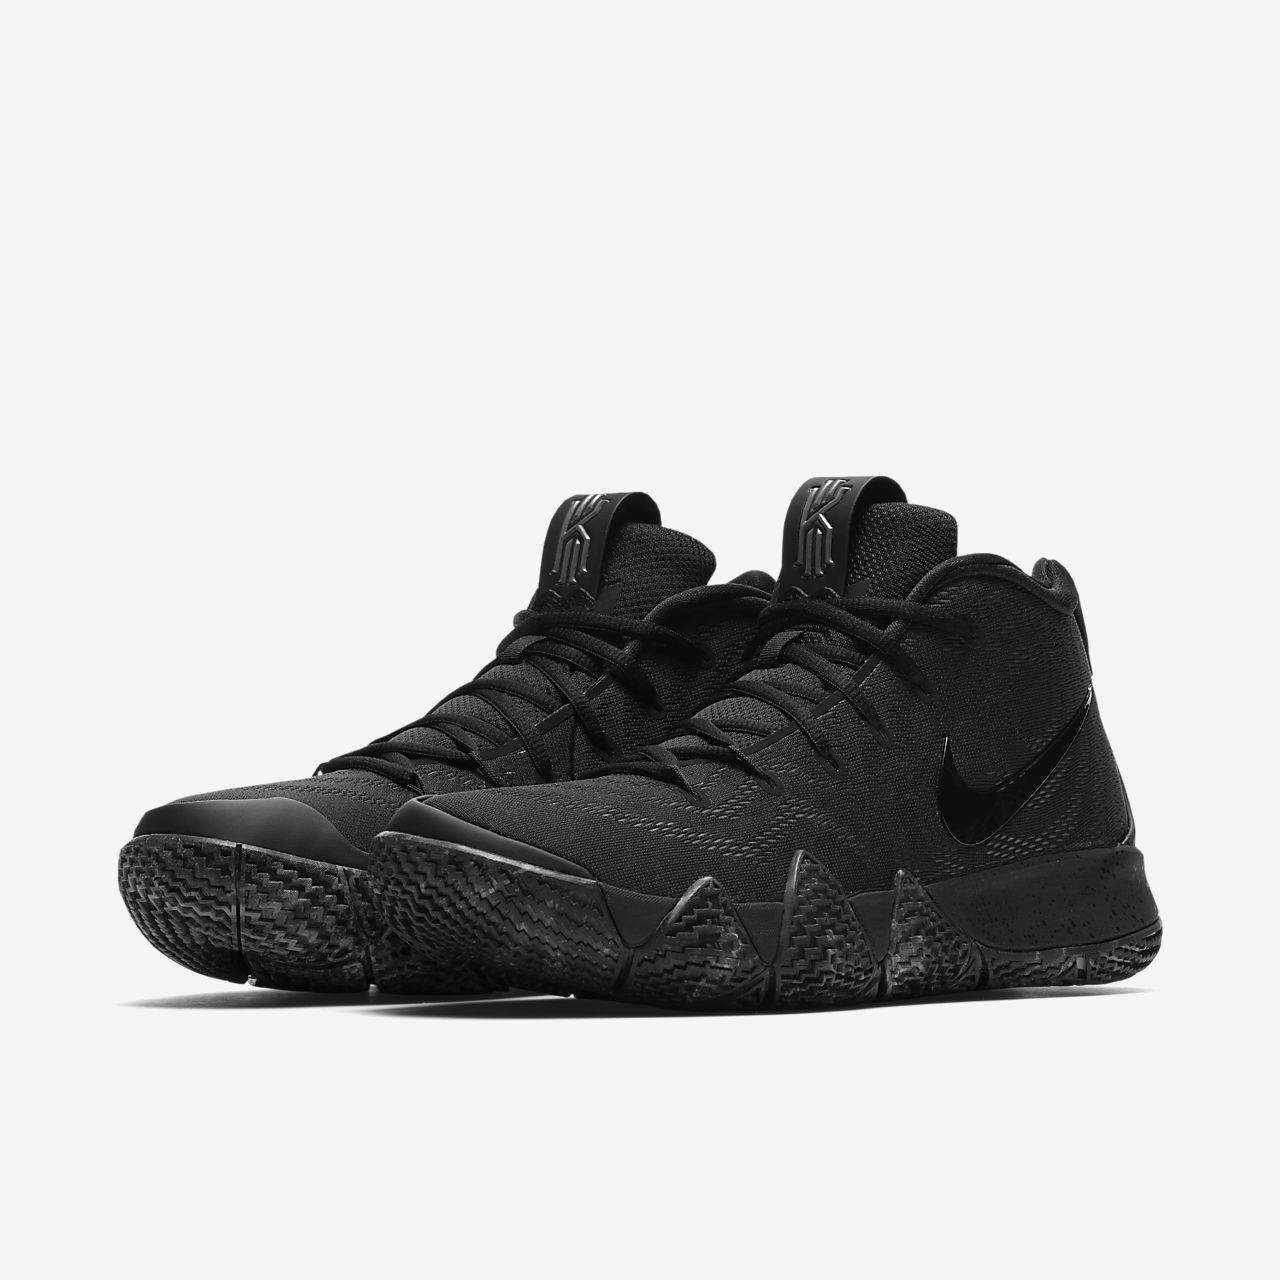 e8f37b03 Calzado de básquetbol Kyrie 4. Nike.com MX